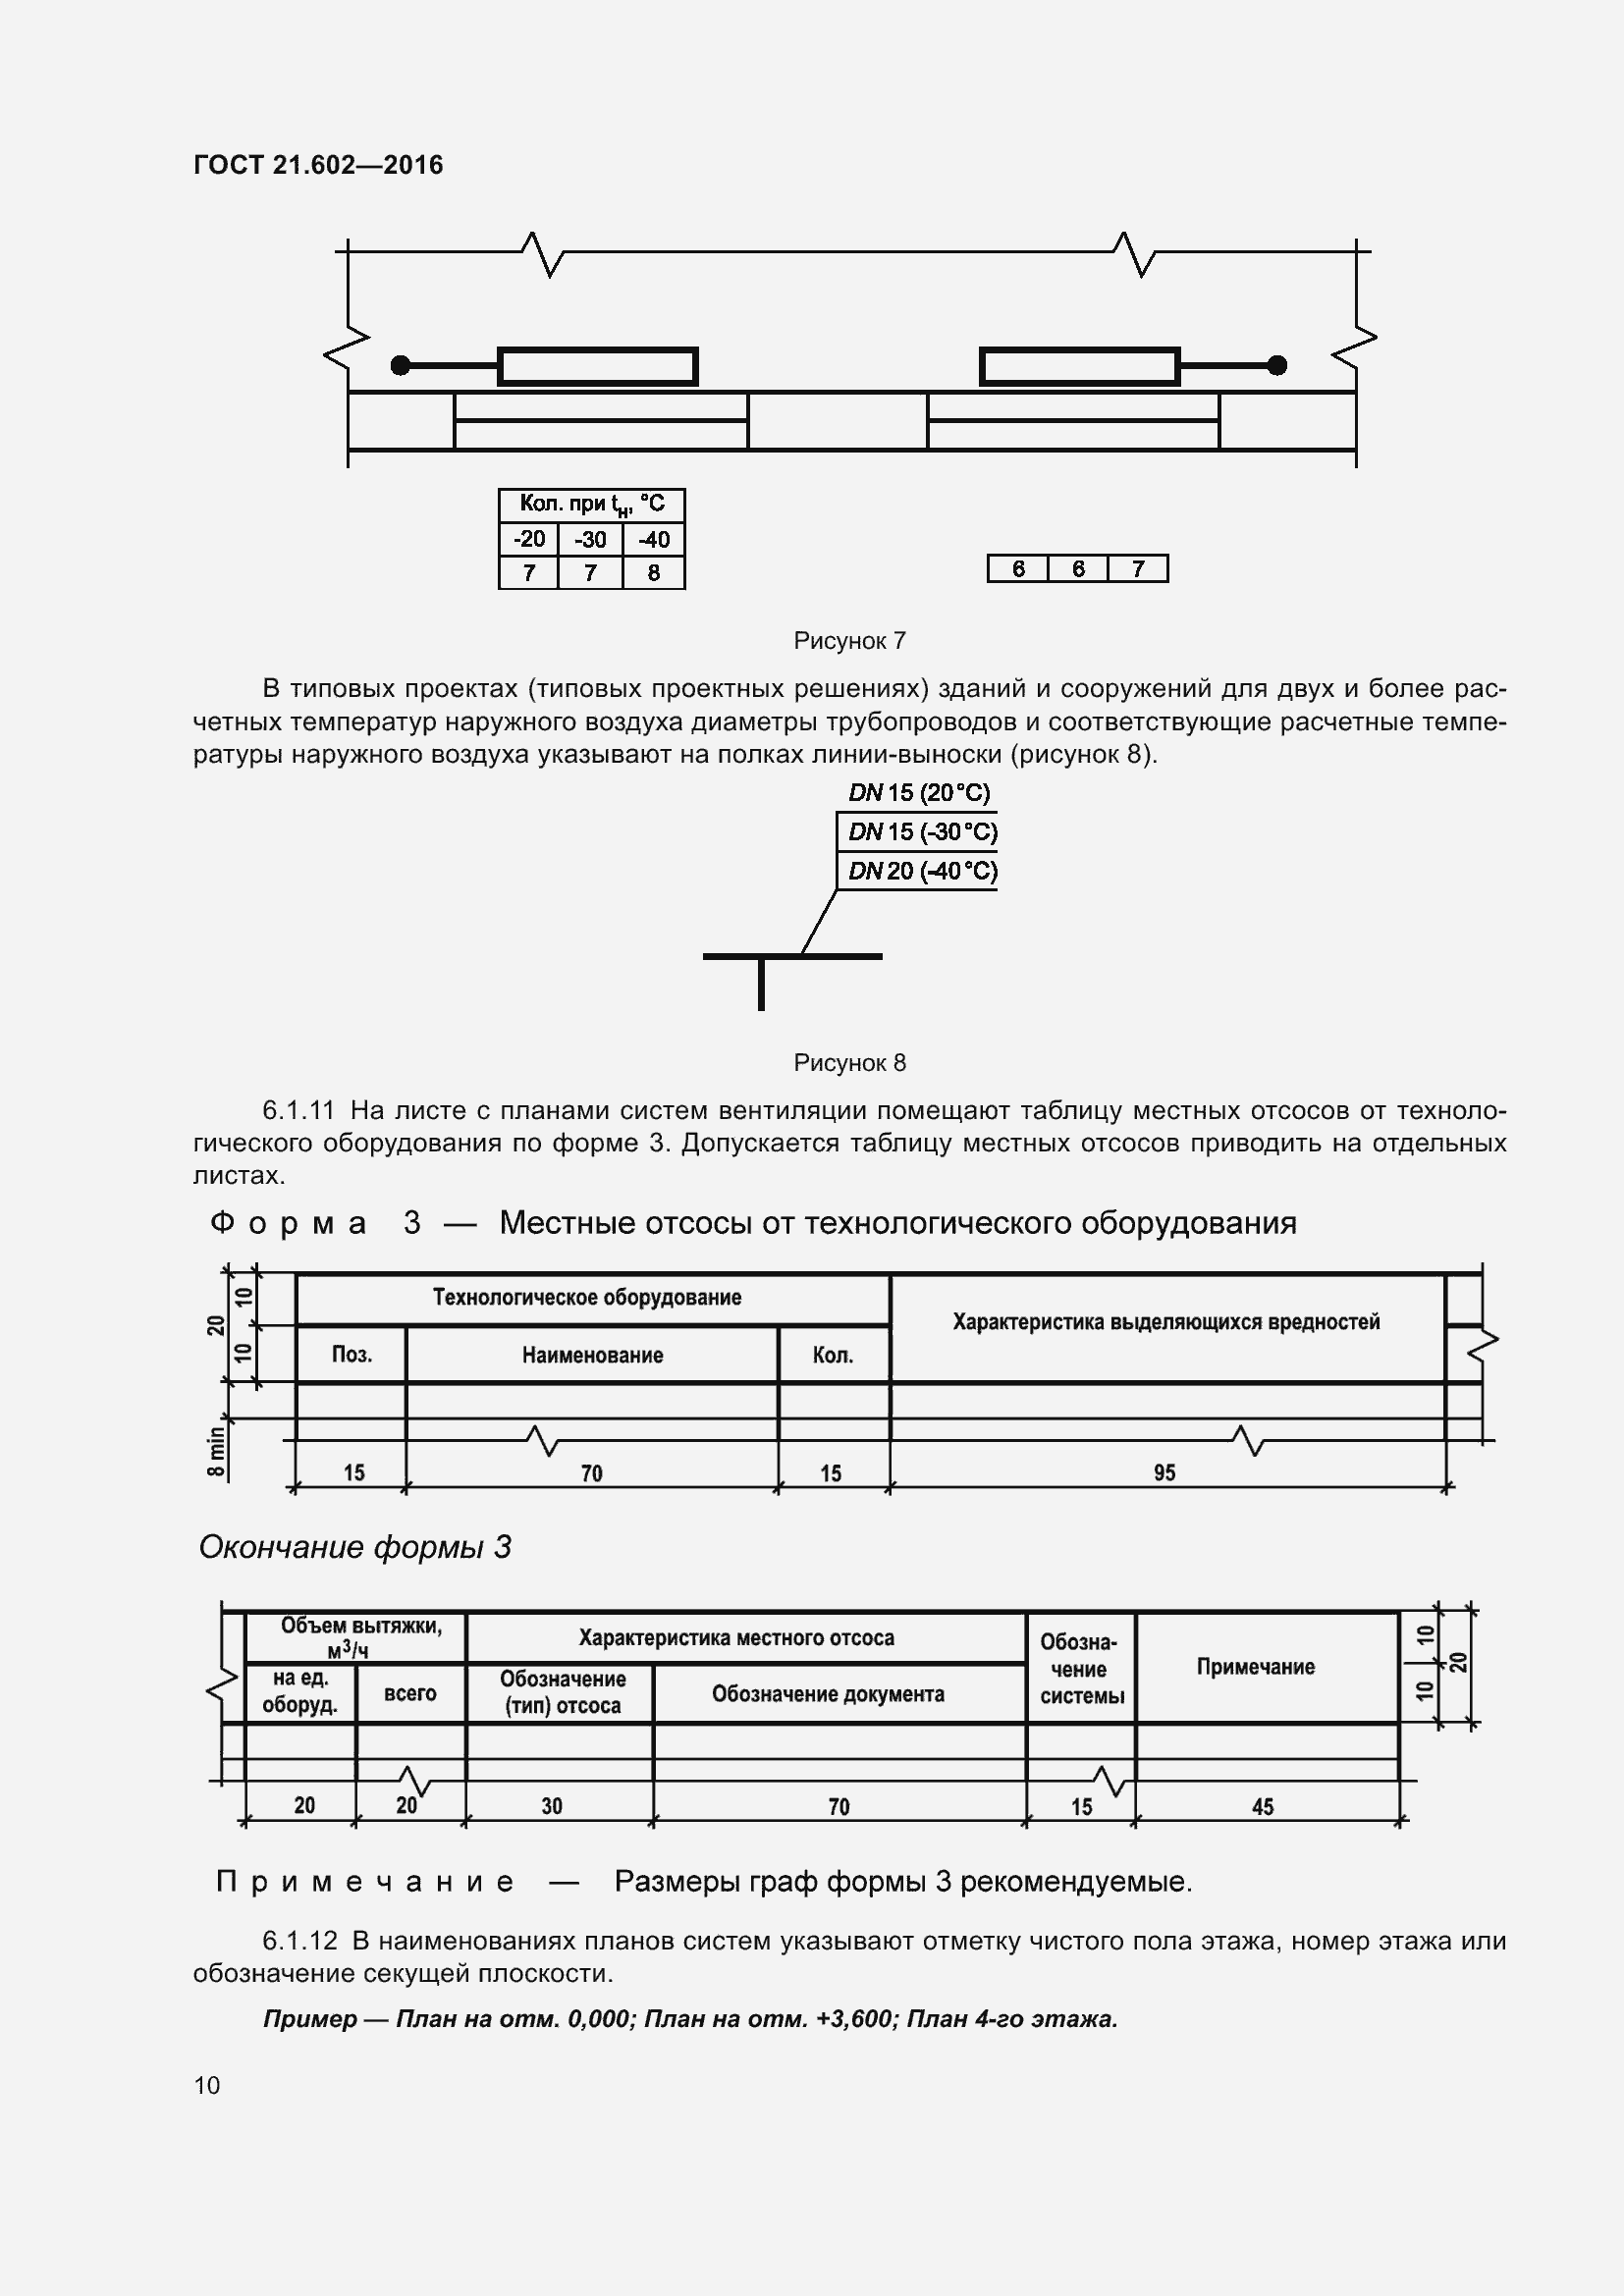 ГОСТ 21.602-2016. Страница 15